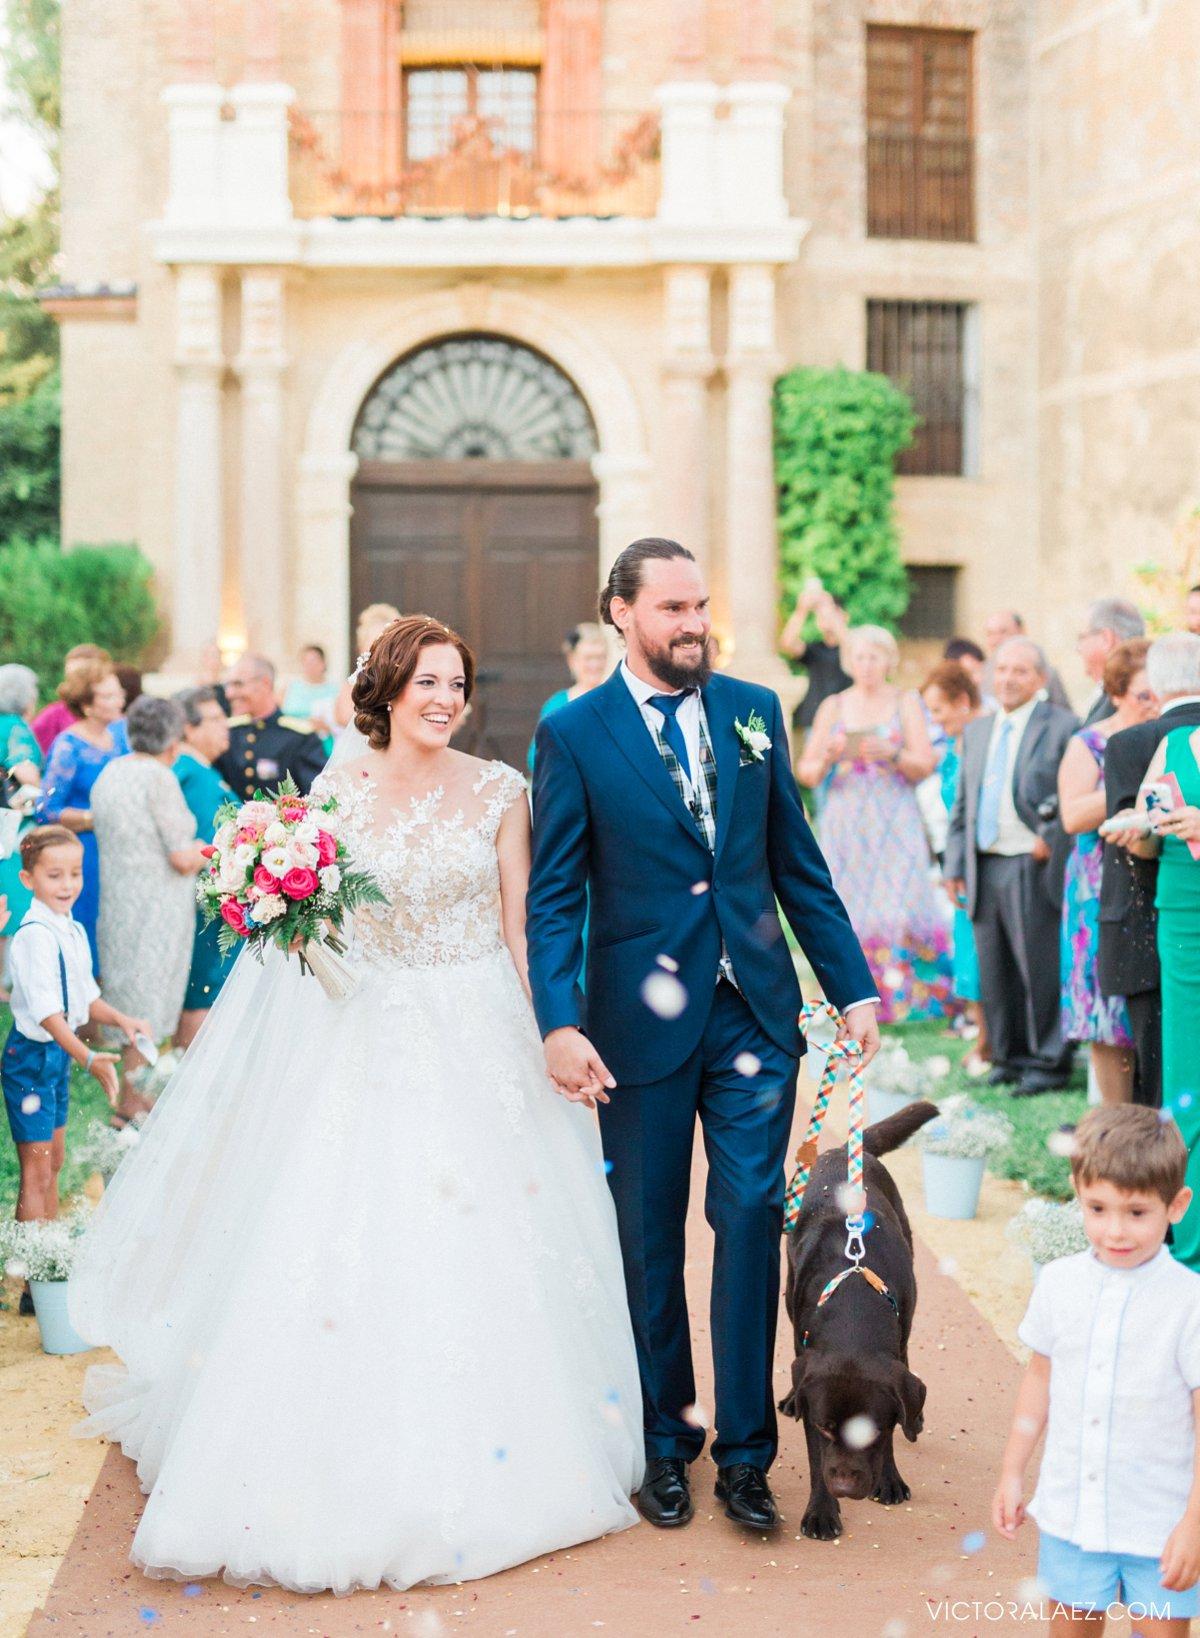 Bride and Groom Recessional in Castillo de la Monclova Wedding